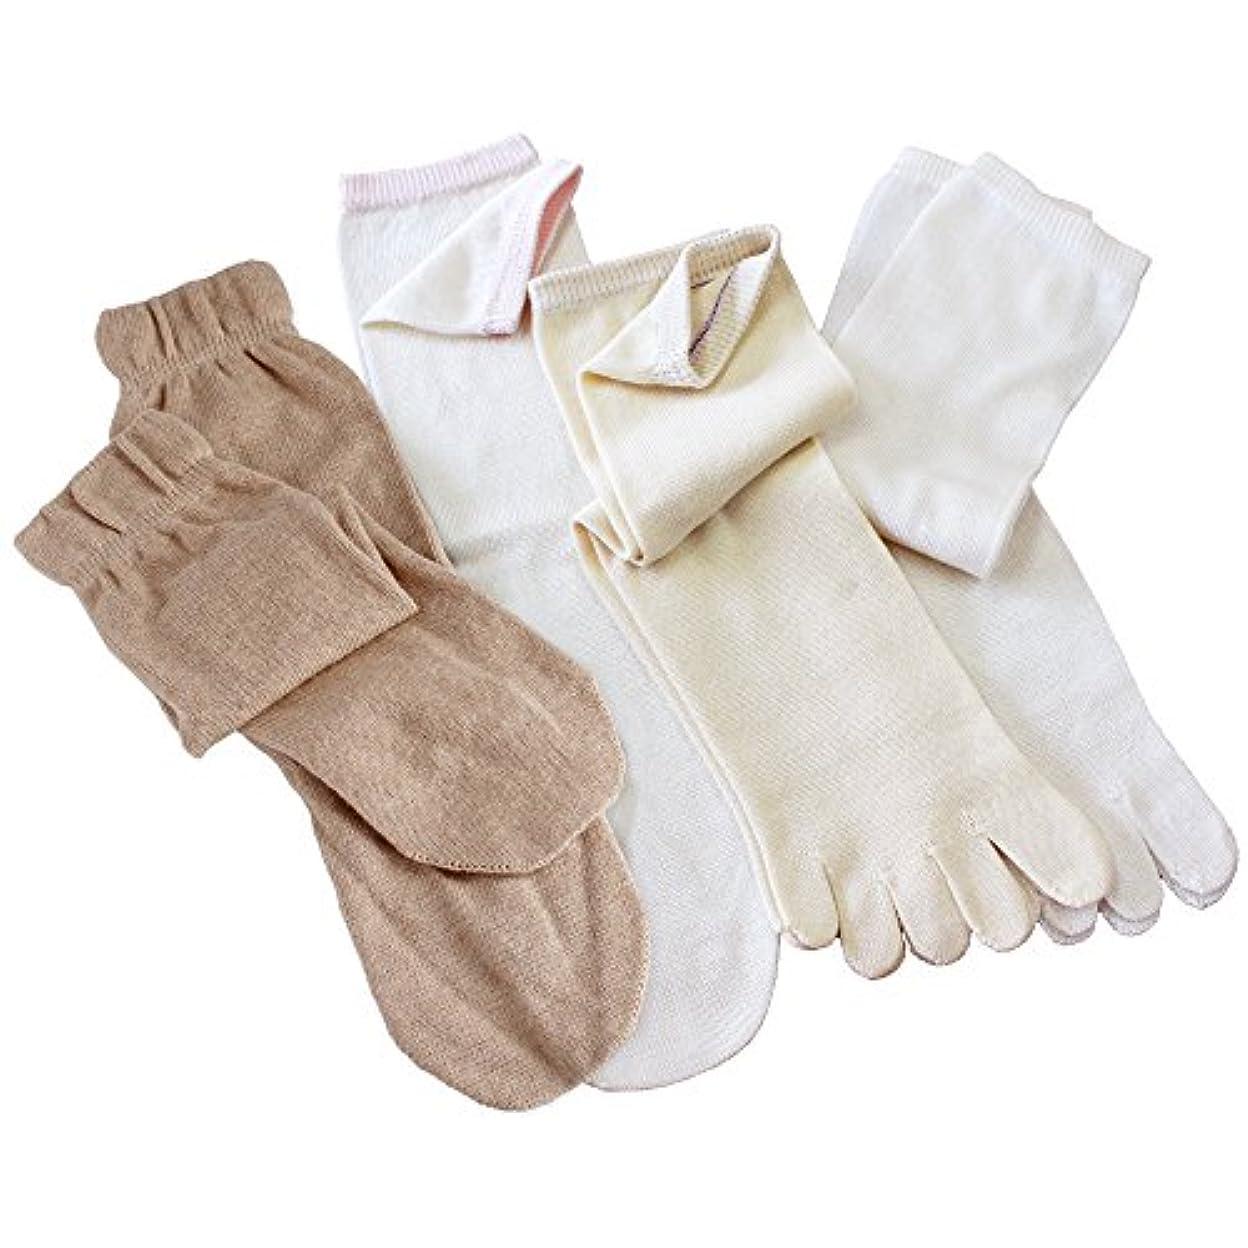 接続宇宙のランドマークhiorie(ヒオリエ) 日本製 冷えとり靴下 シルク&コットン 5本指ソックス(重ねばき専用 4足セット) 正絹 綿